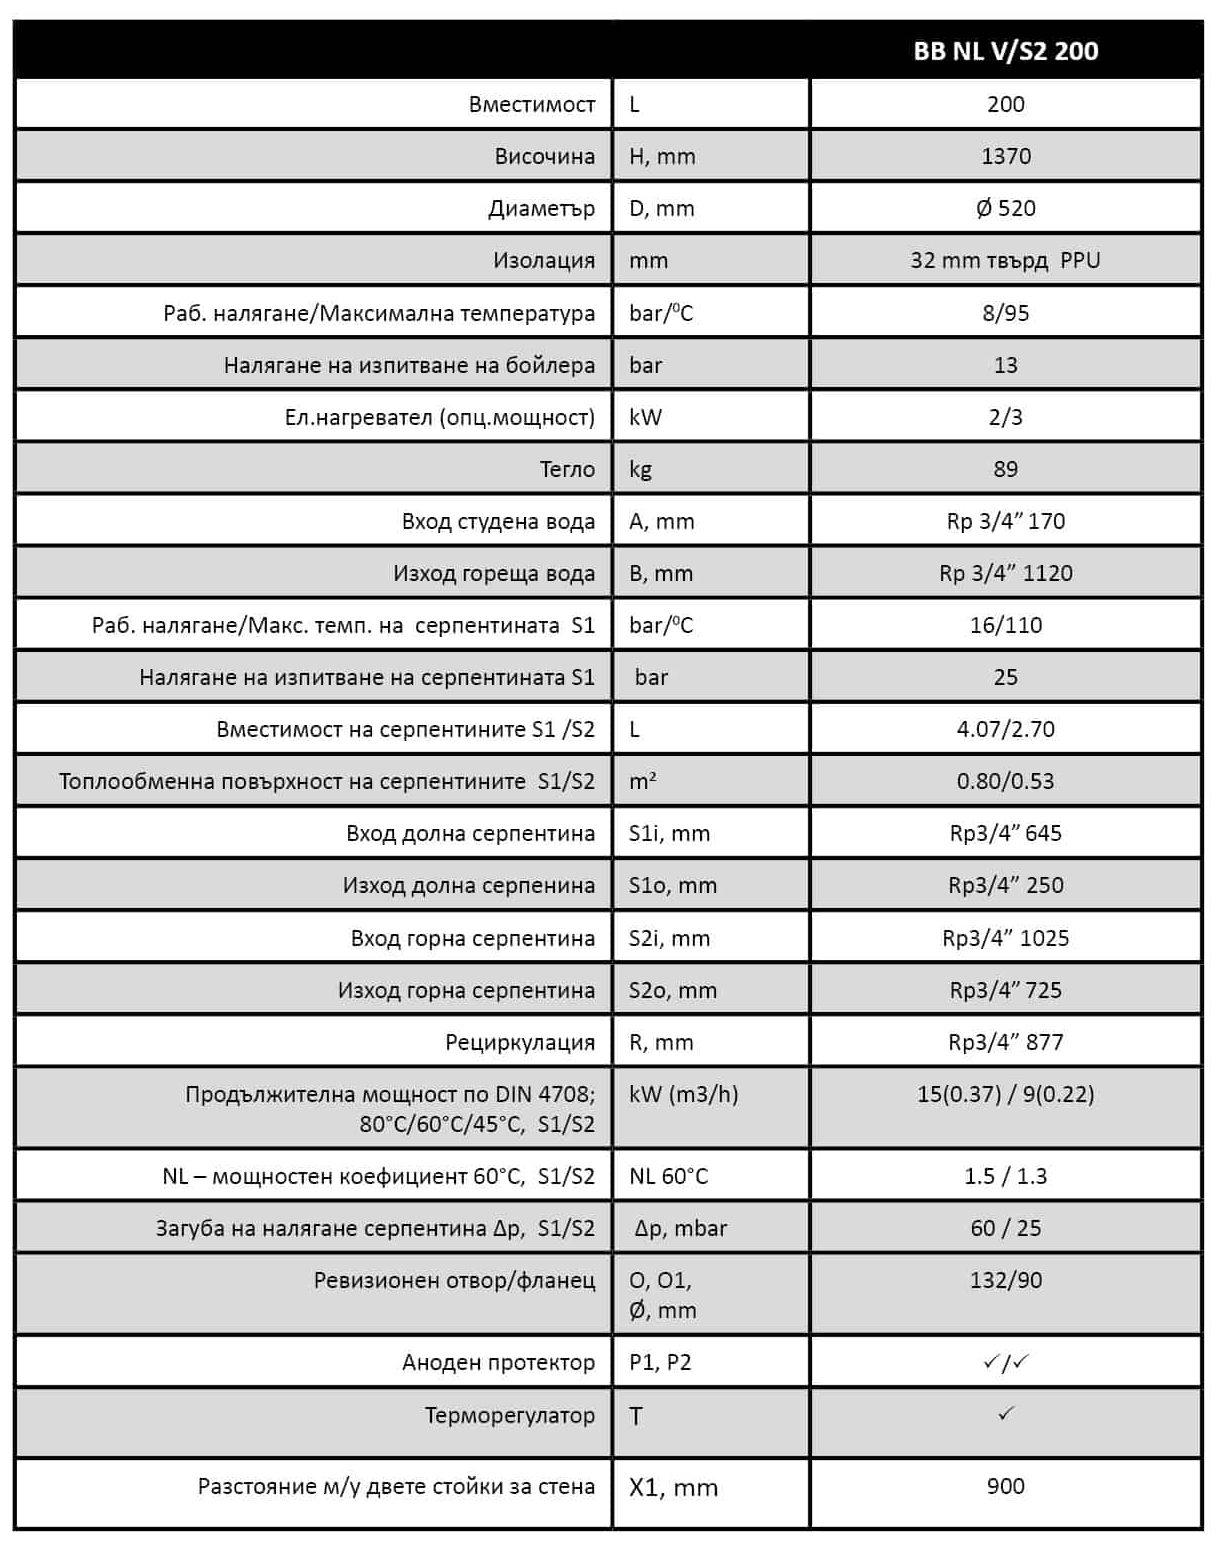 Технически характеристики на Битов бойлер BB S2 с две серпентини